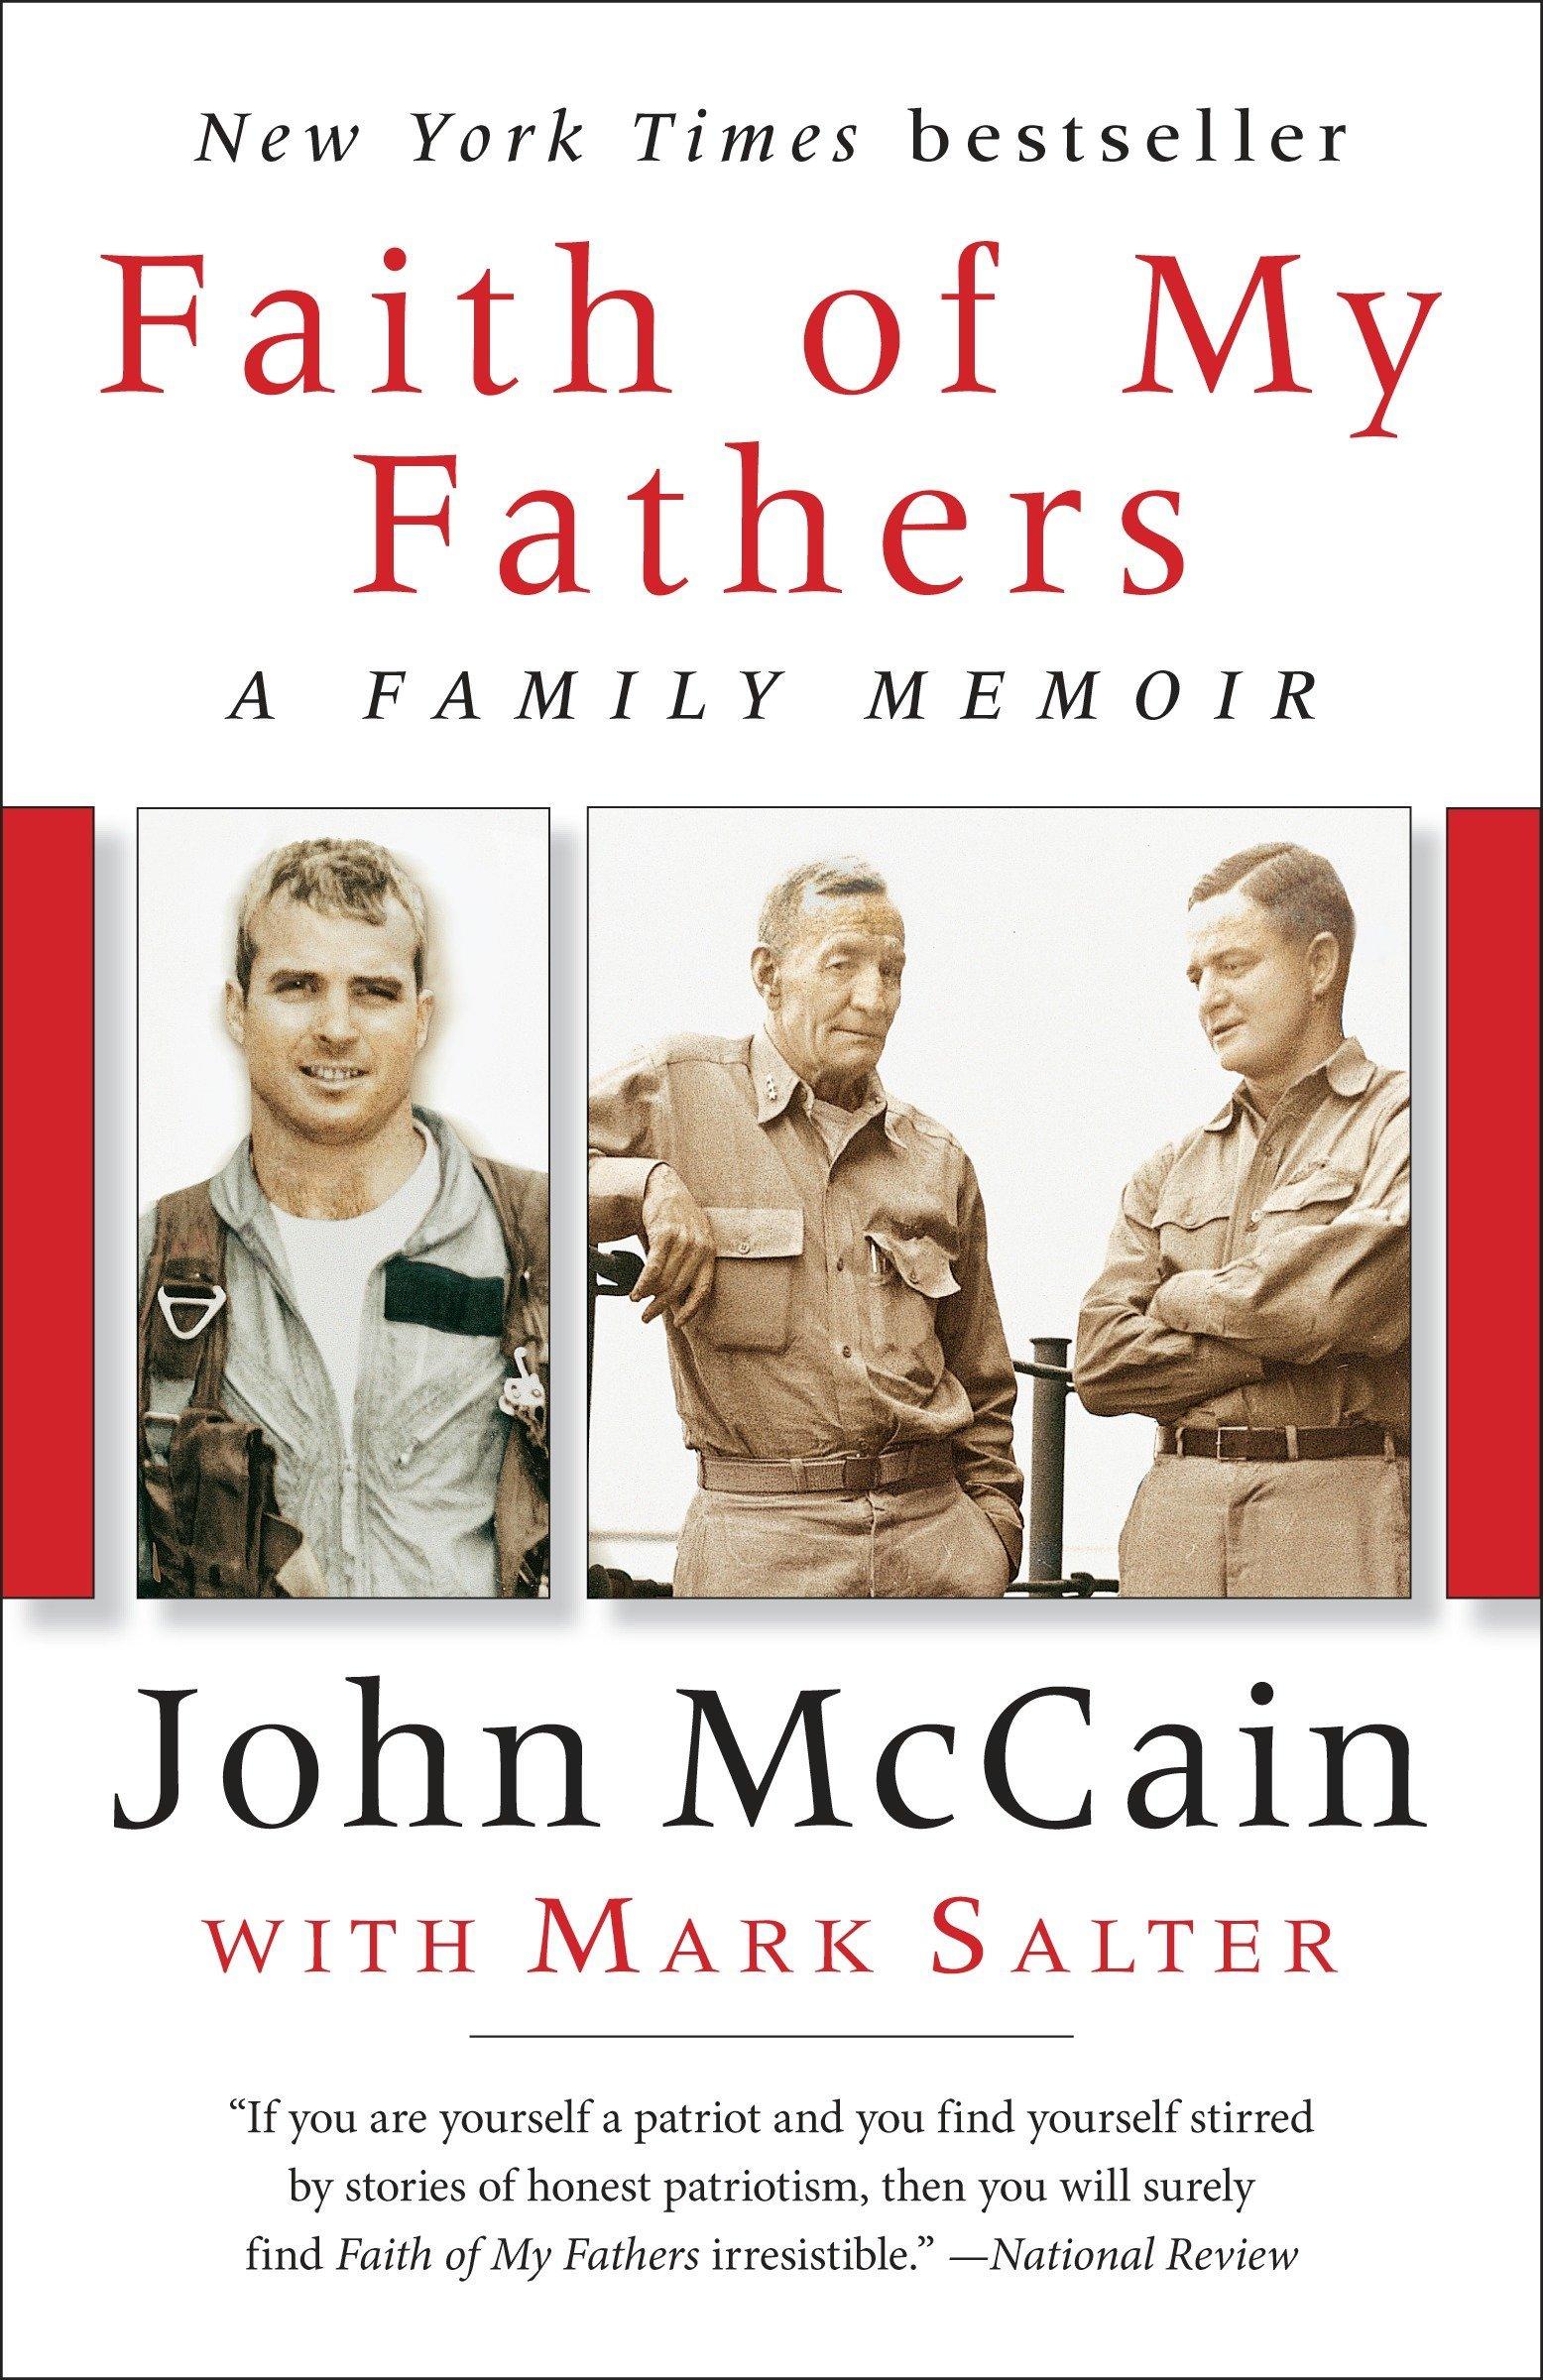 Faith-of-My-Fathers_McCain.jpg